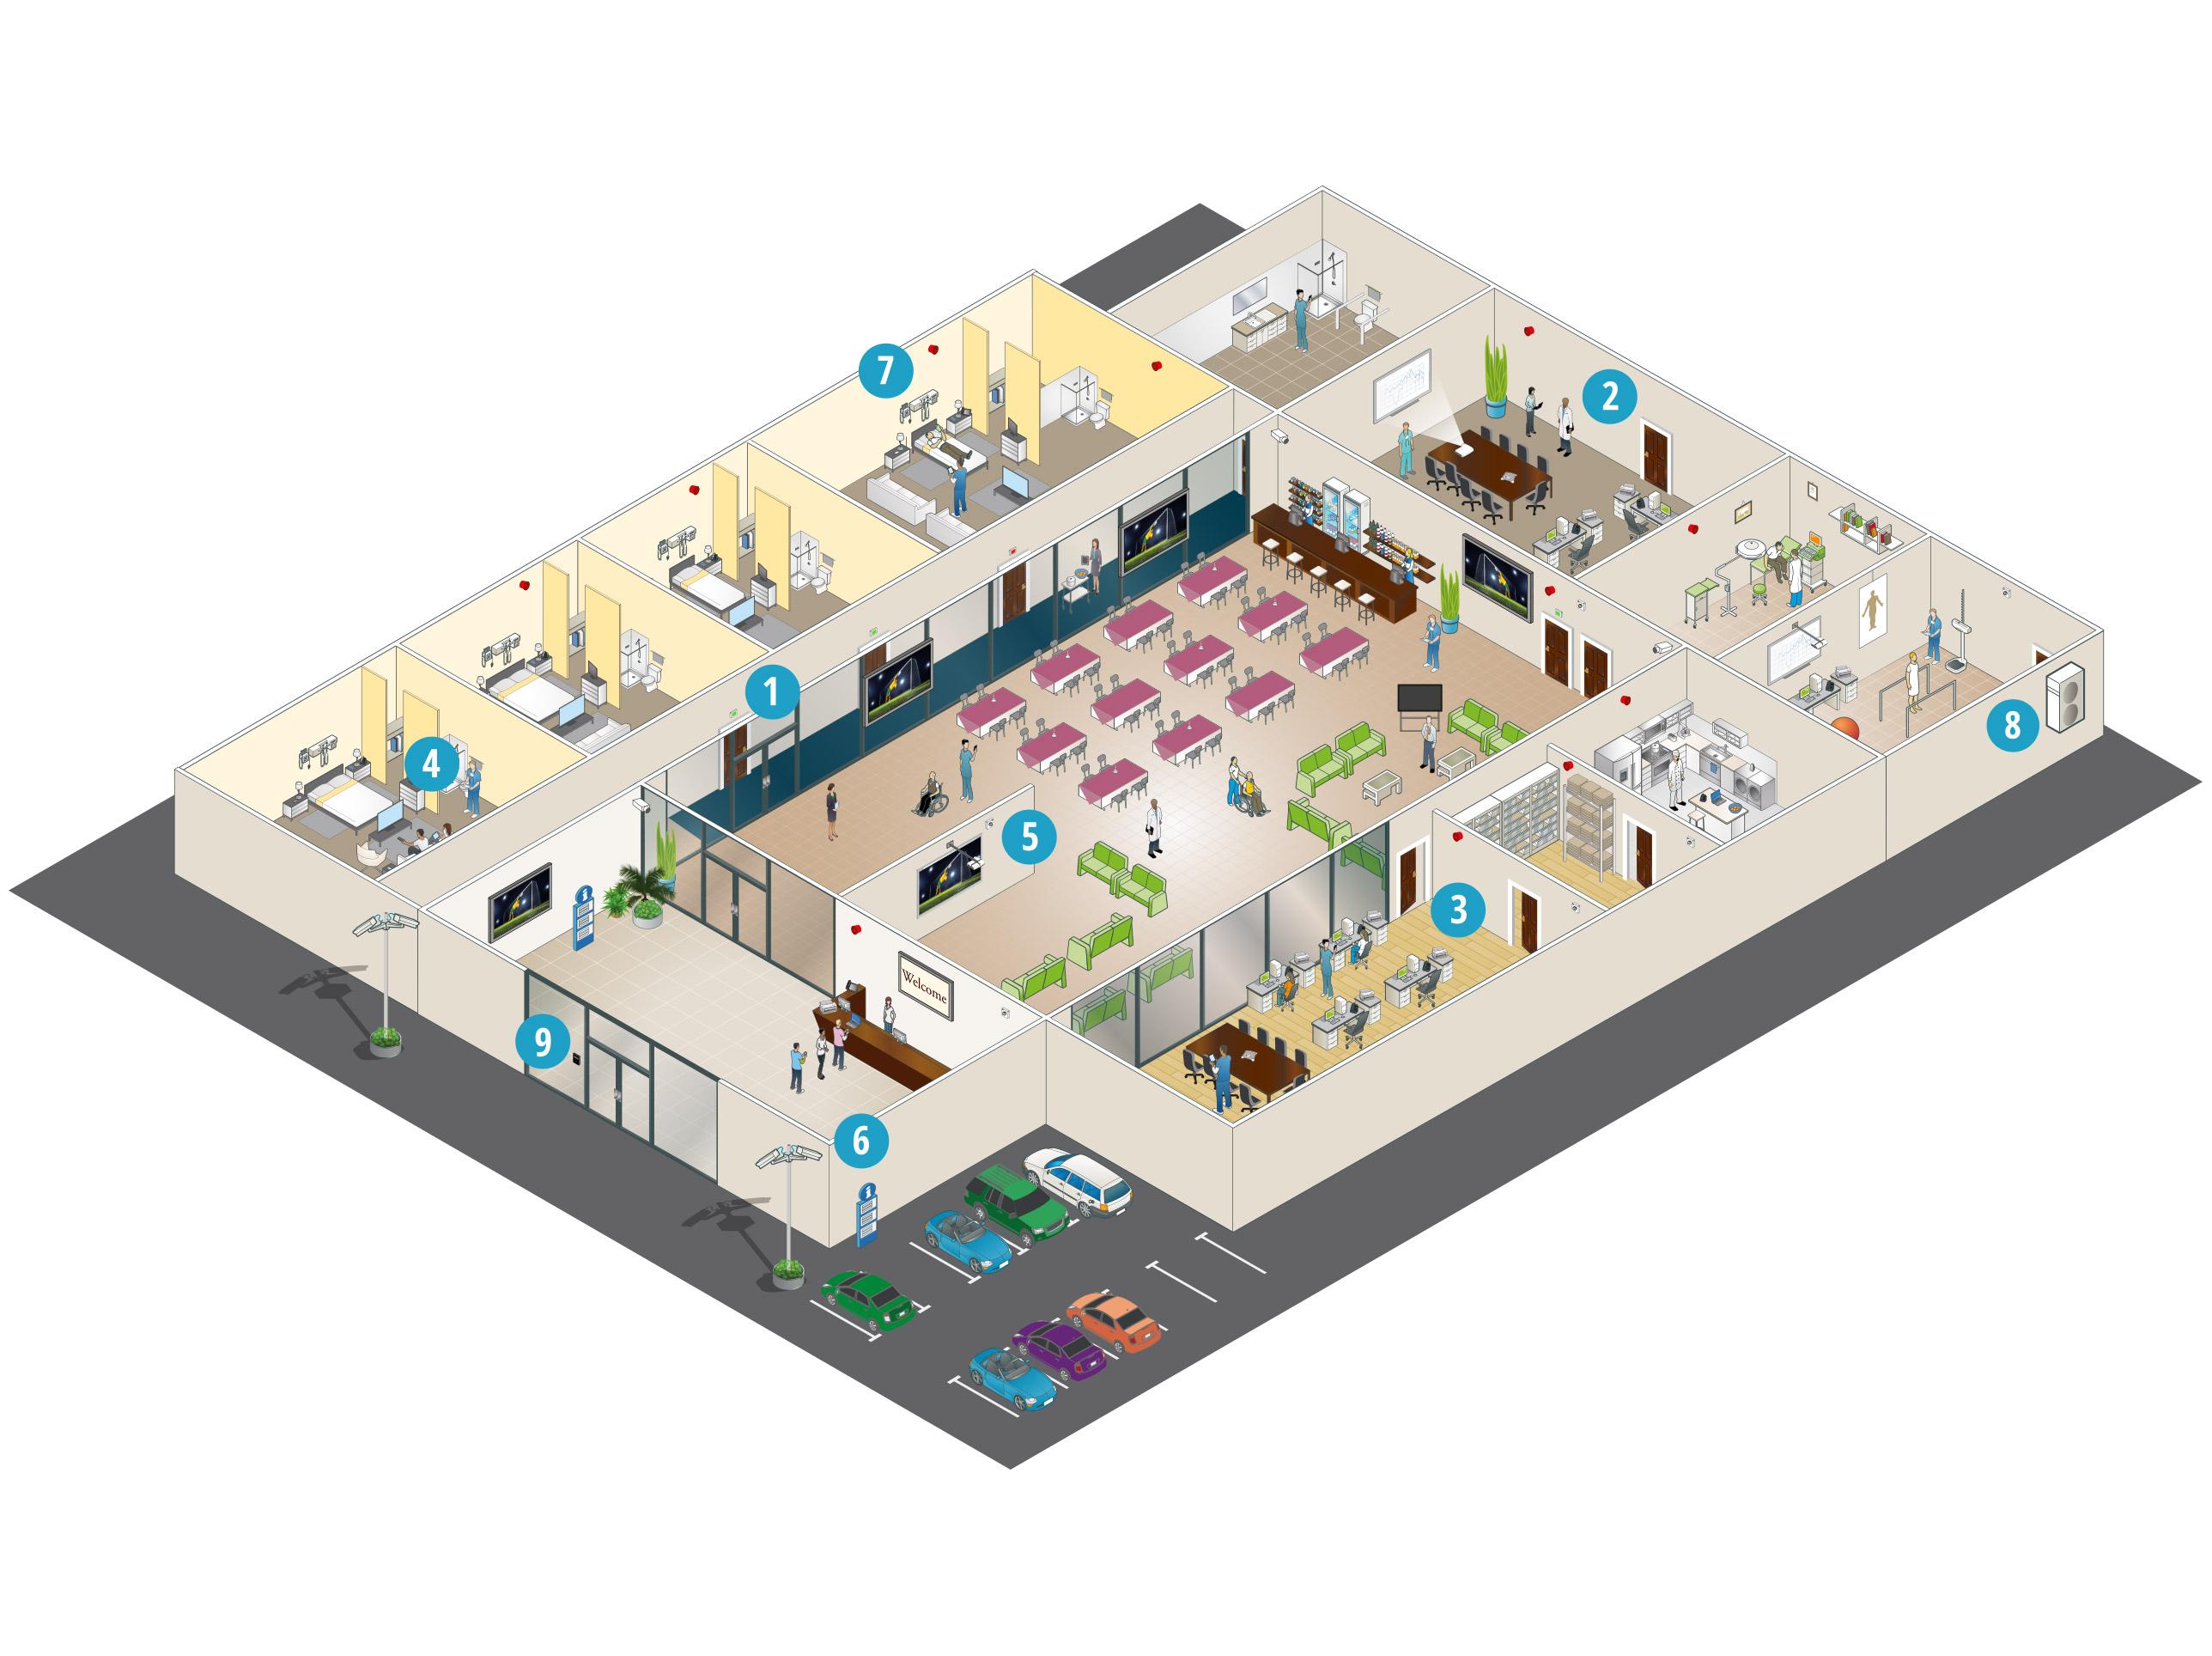 Comment les solutions de Panasonic aident-elles les foyers d'accueil?